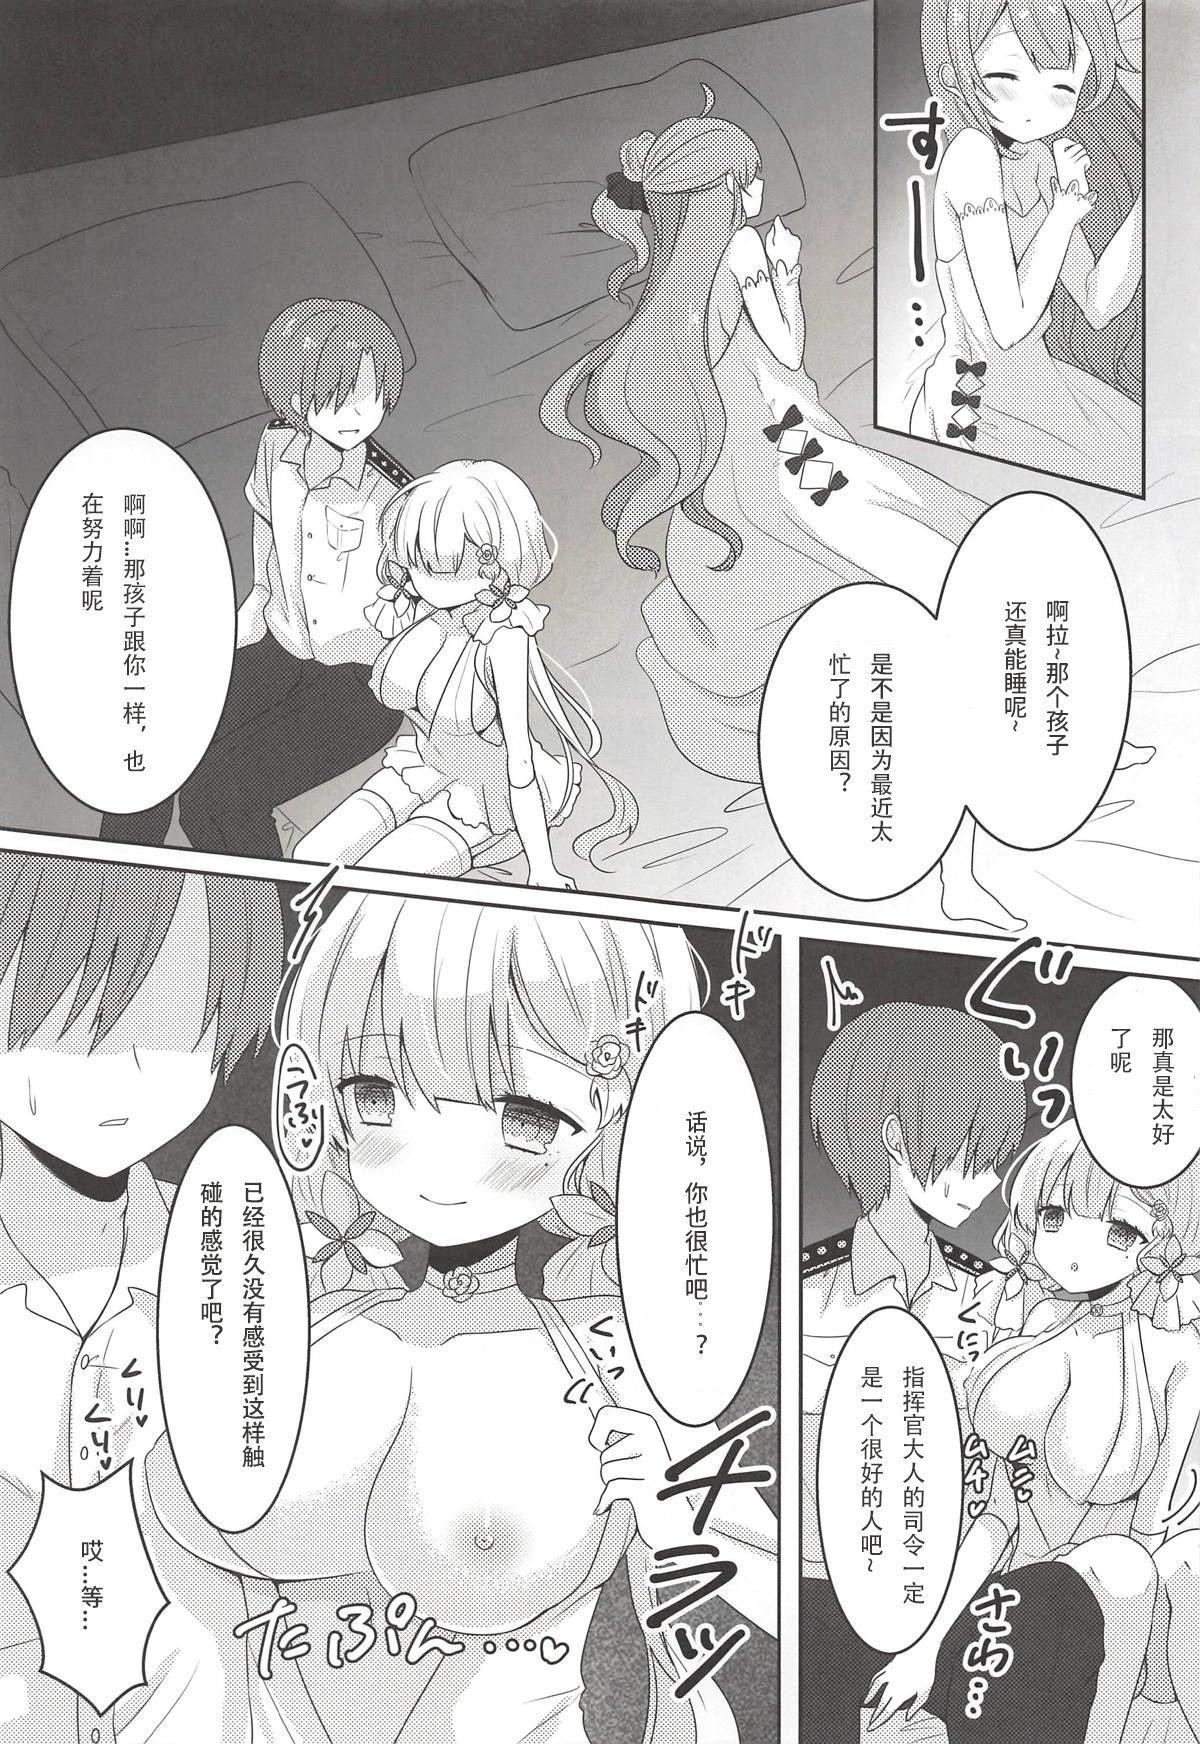 Hanayome no Tonari de 2